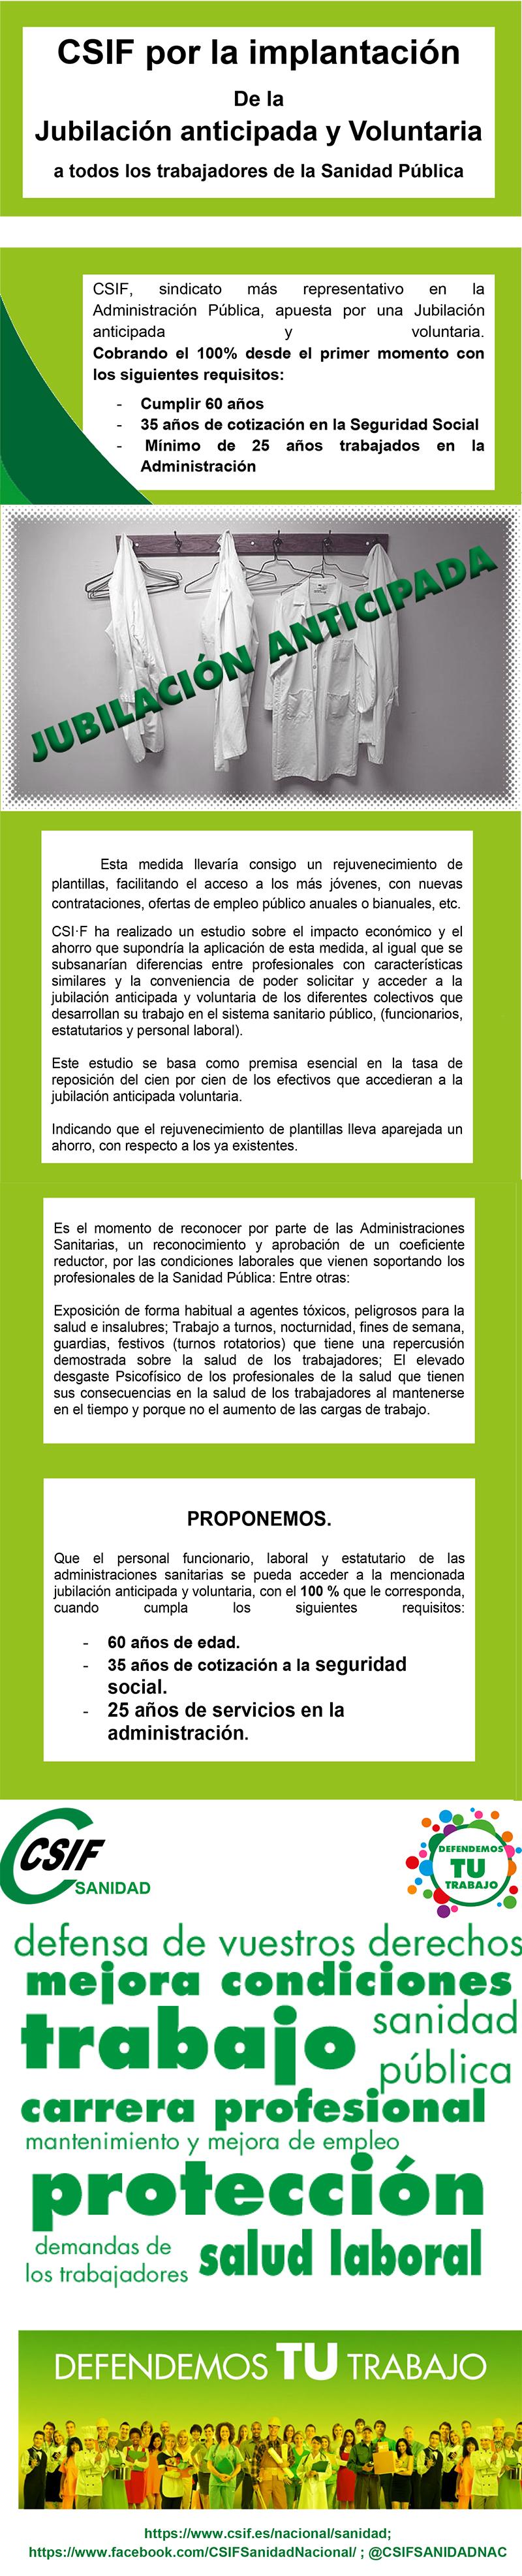 diptico jubilacion CSIF Sanidad